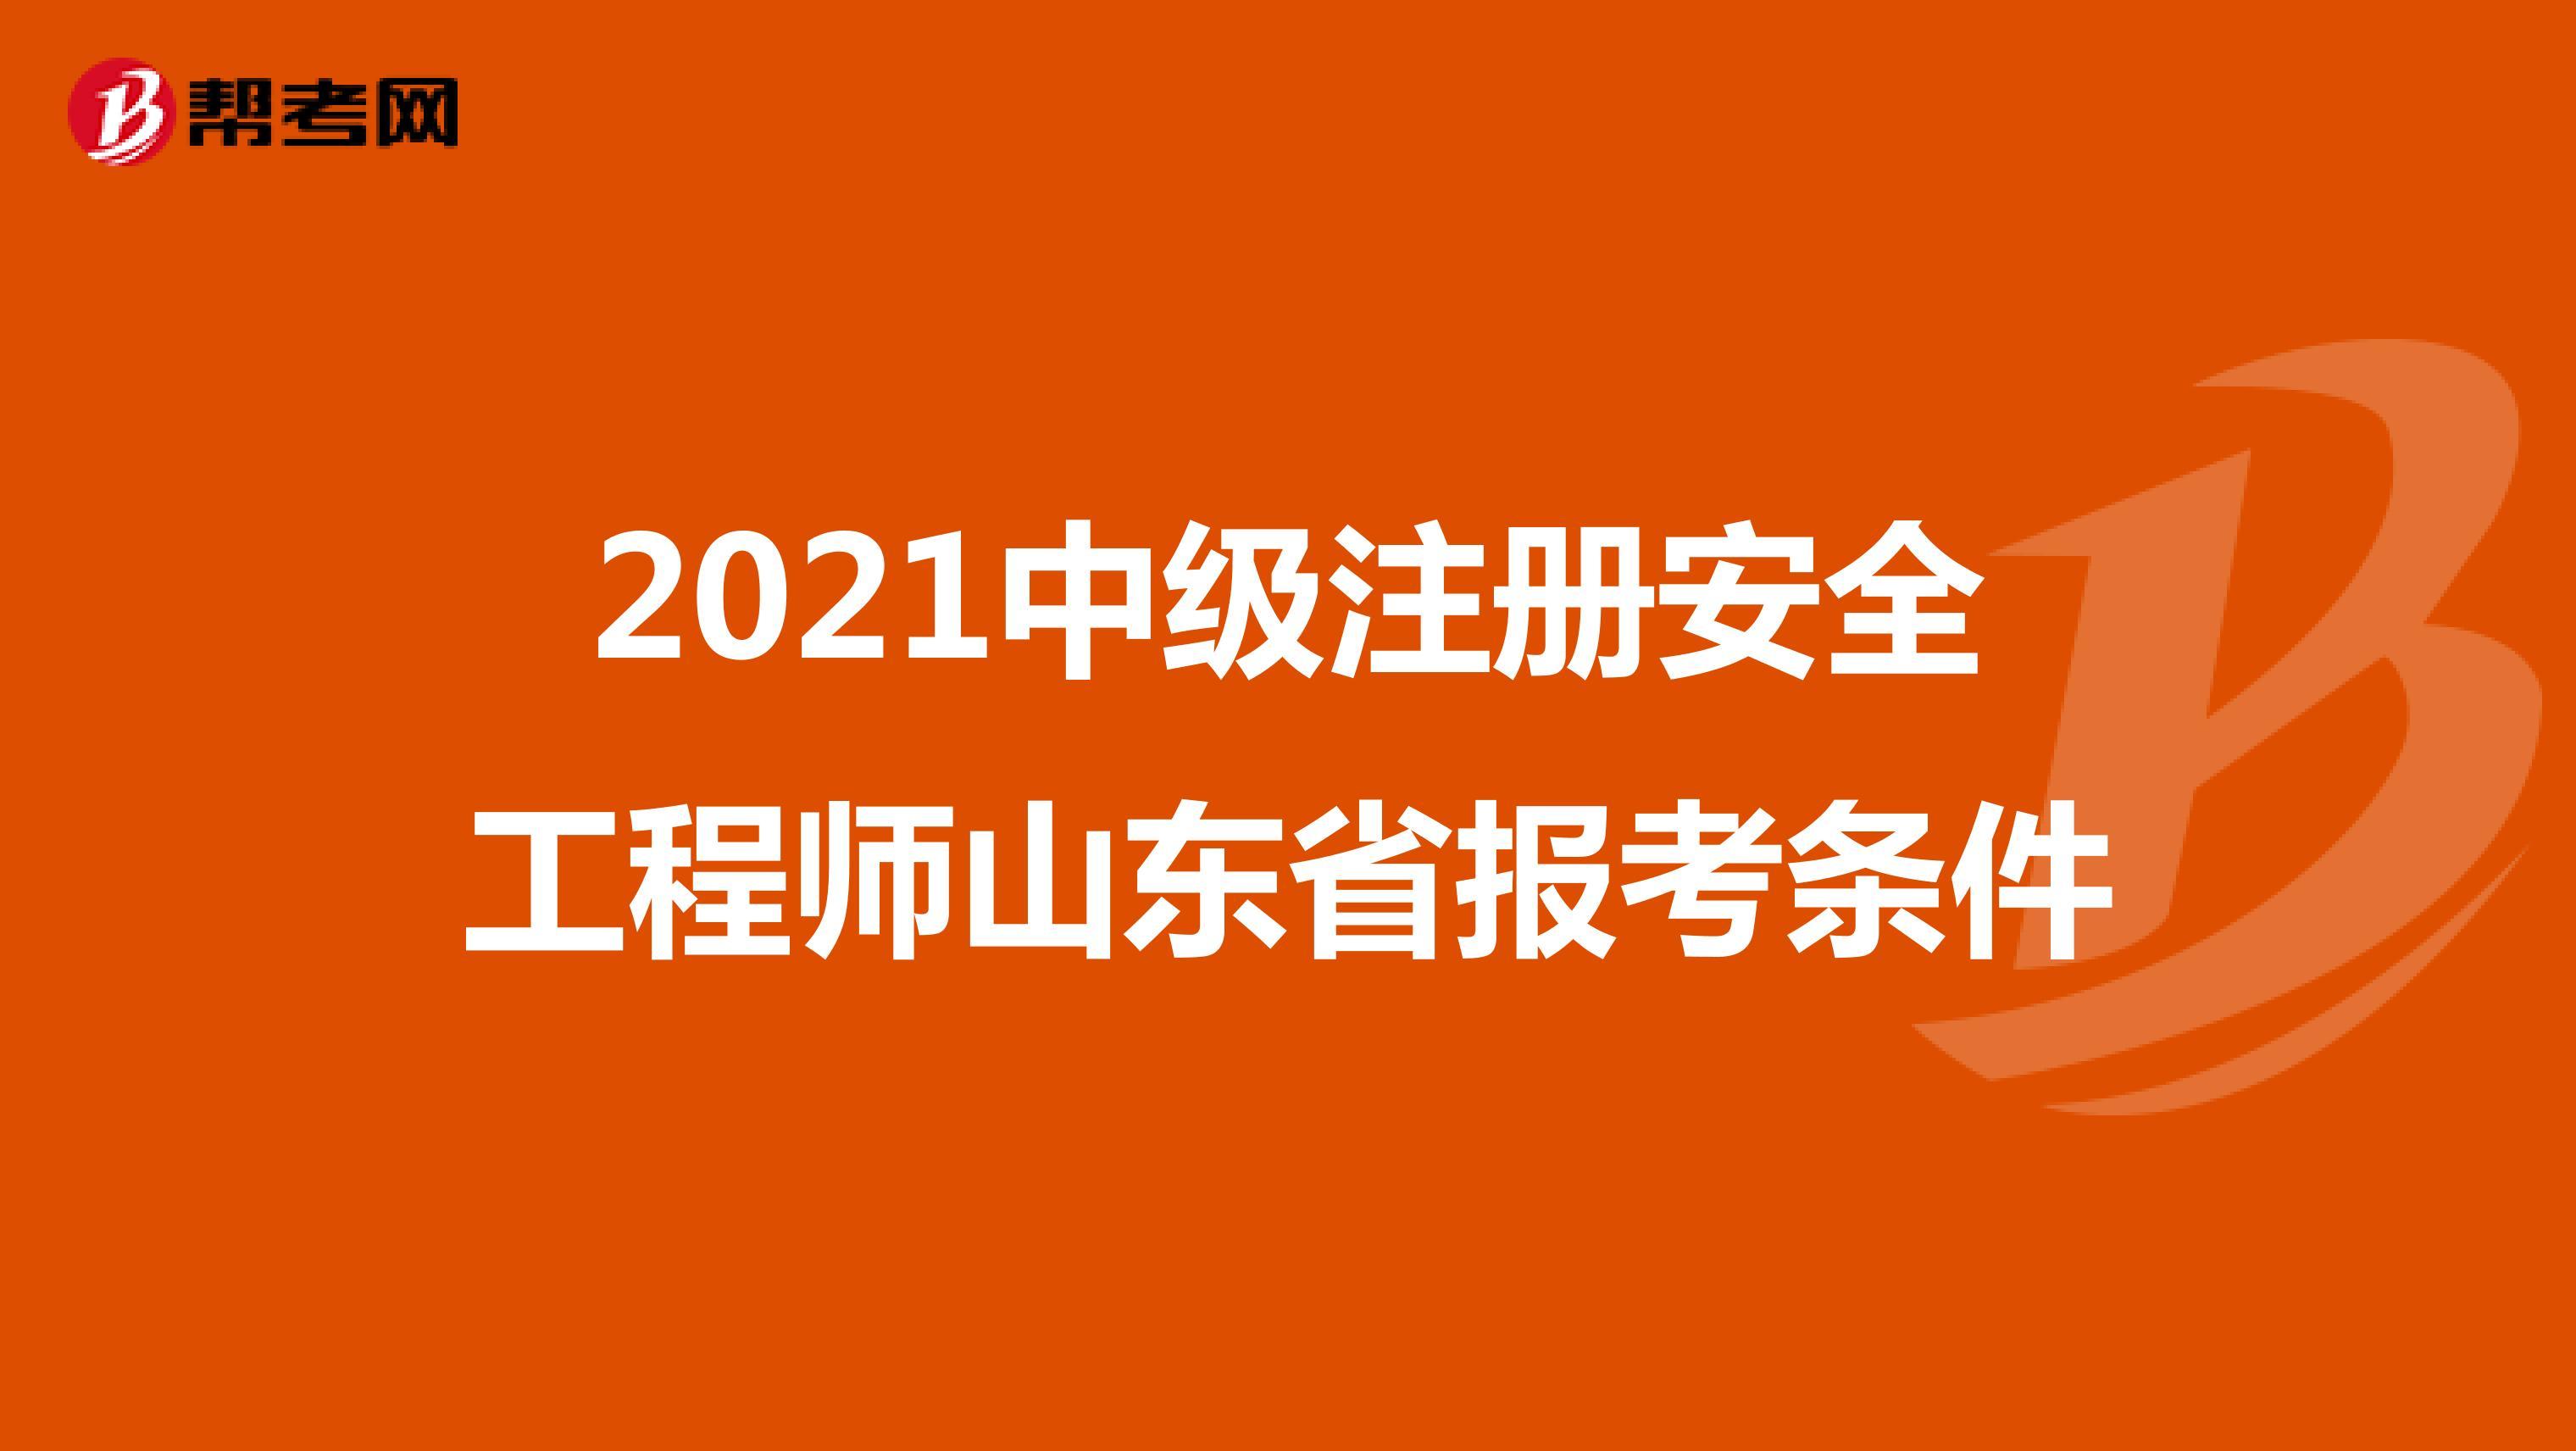 2021中级注册安全工程师山东省报考条件